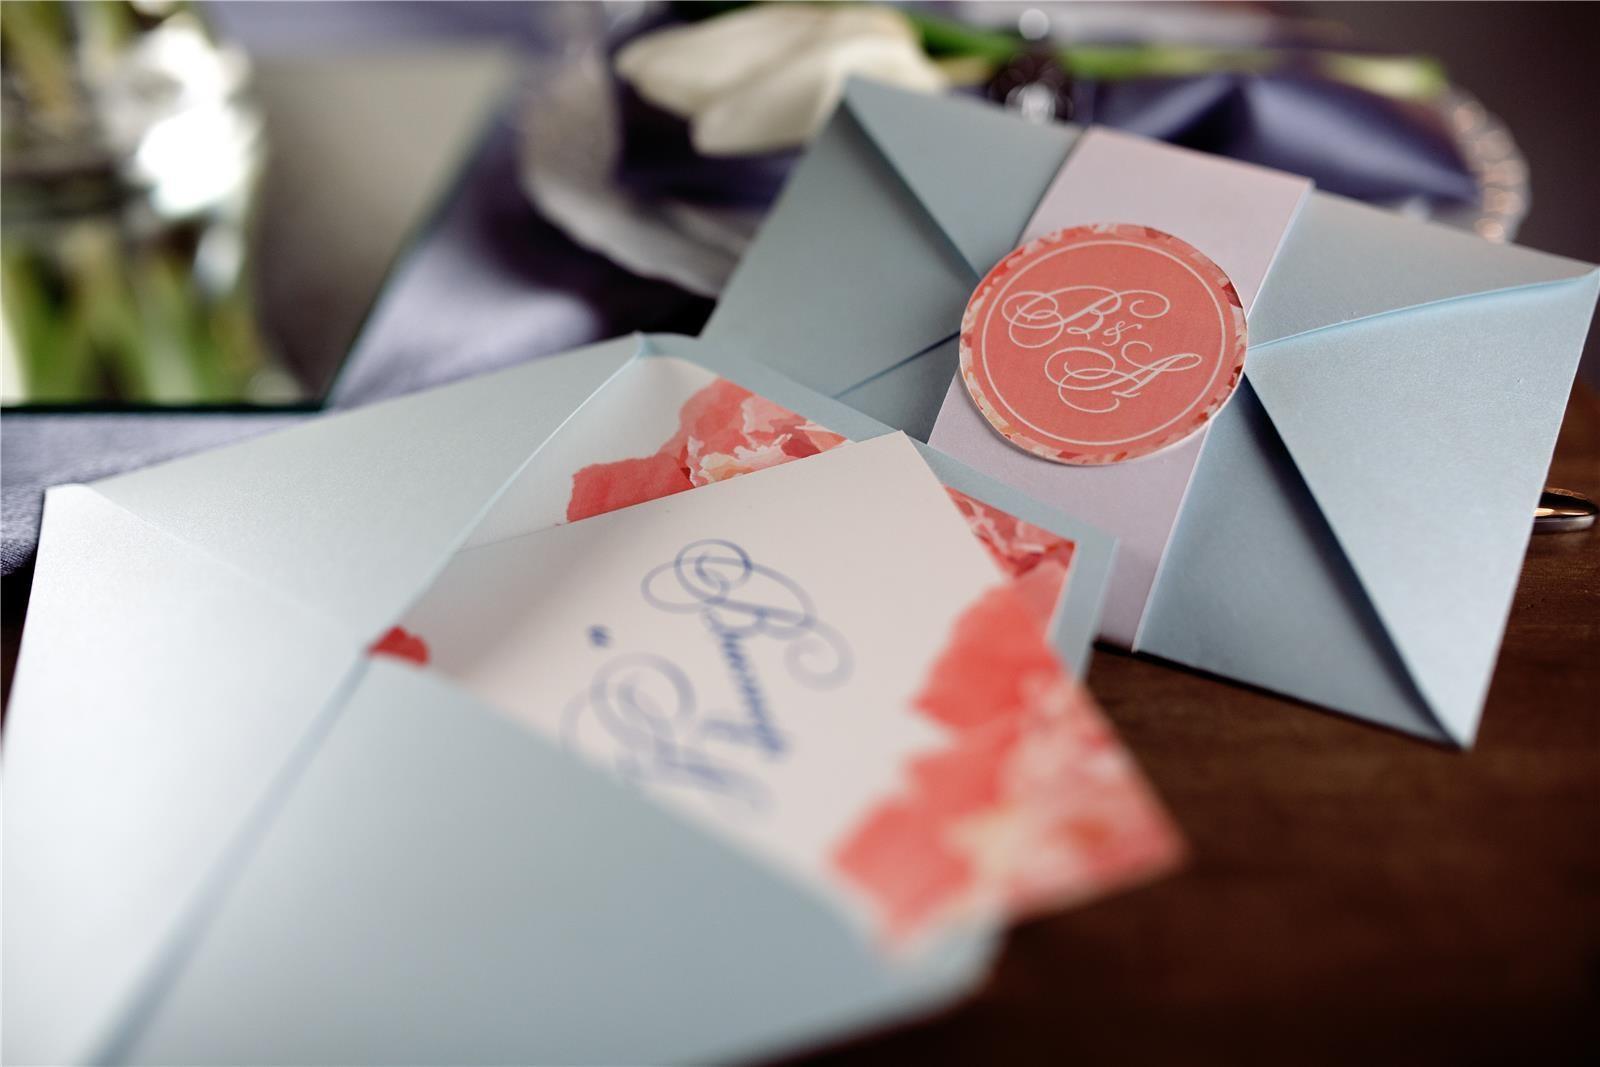 הזמנות לחתונה (צילום: Shutterstock)